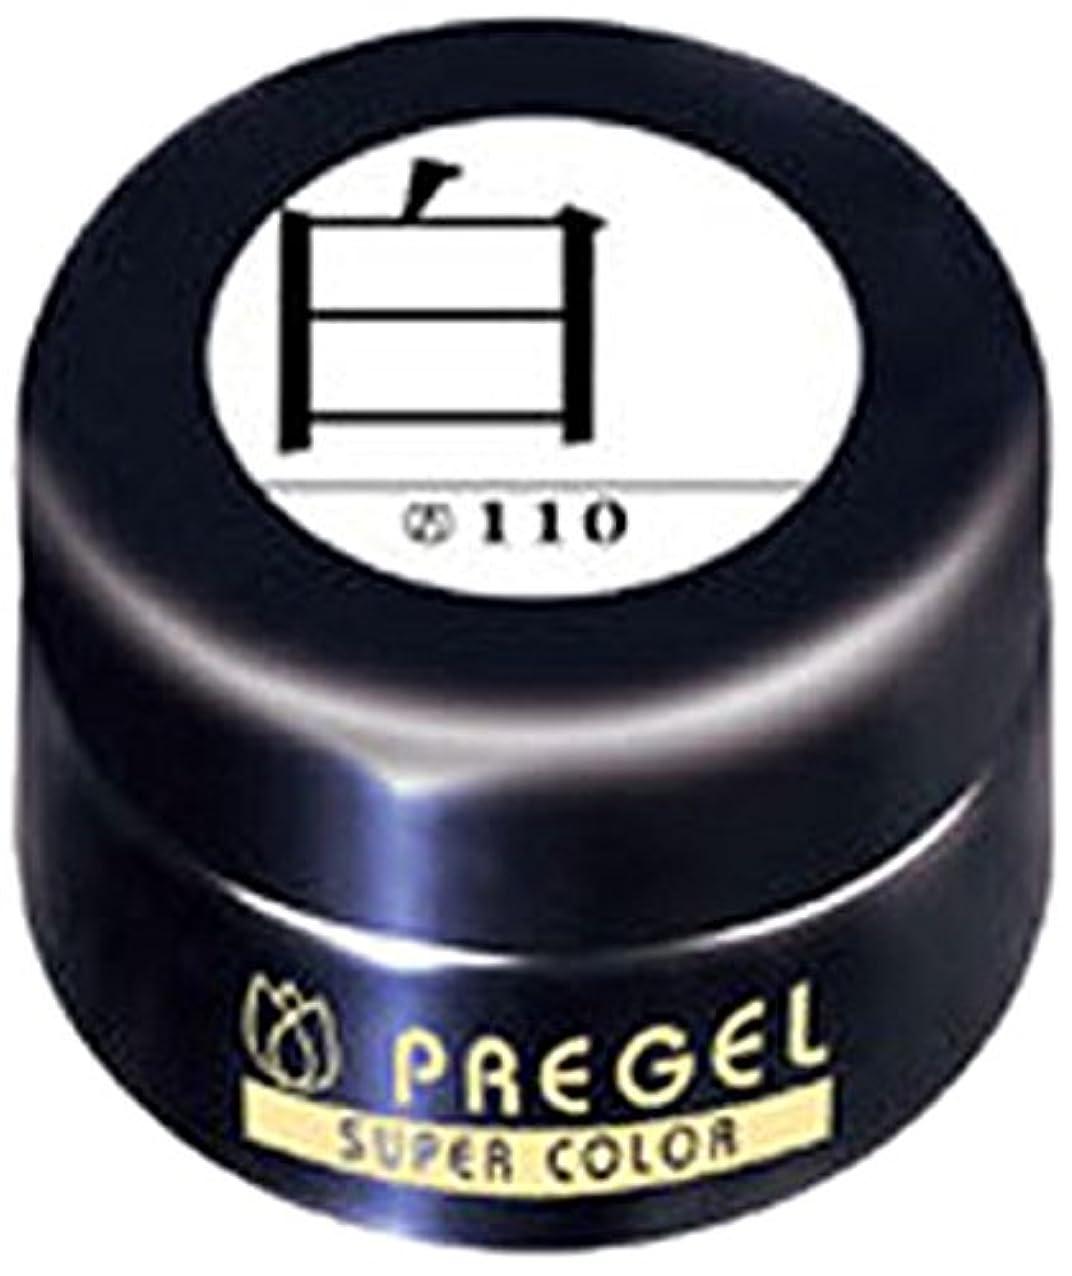 フラップ看板ラジエータープリジェル スーパーカラーEX 白 4g PG-SE110 カラージェル UV/LED対応